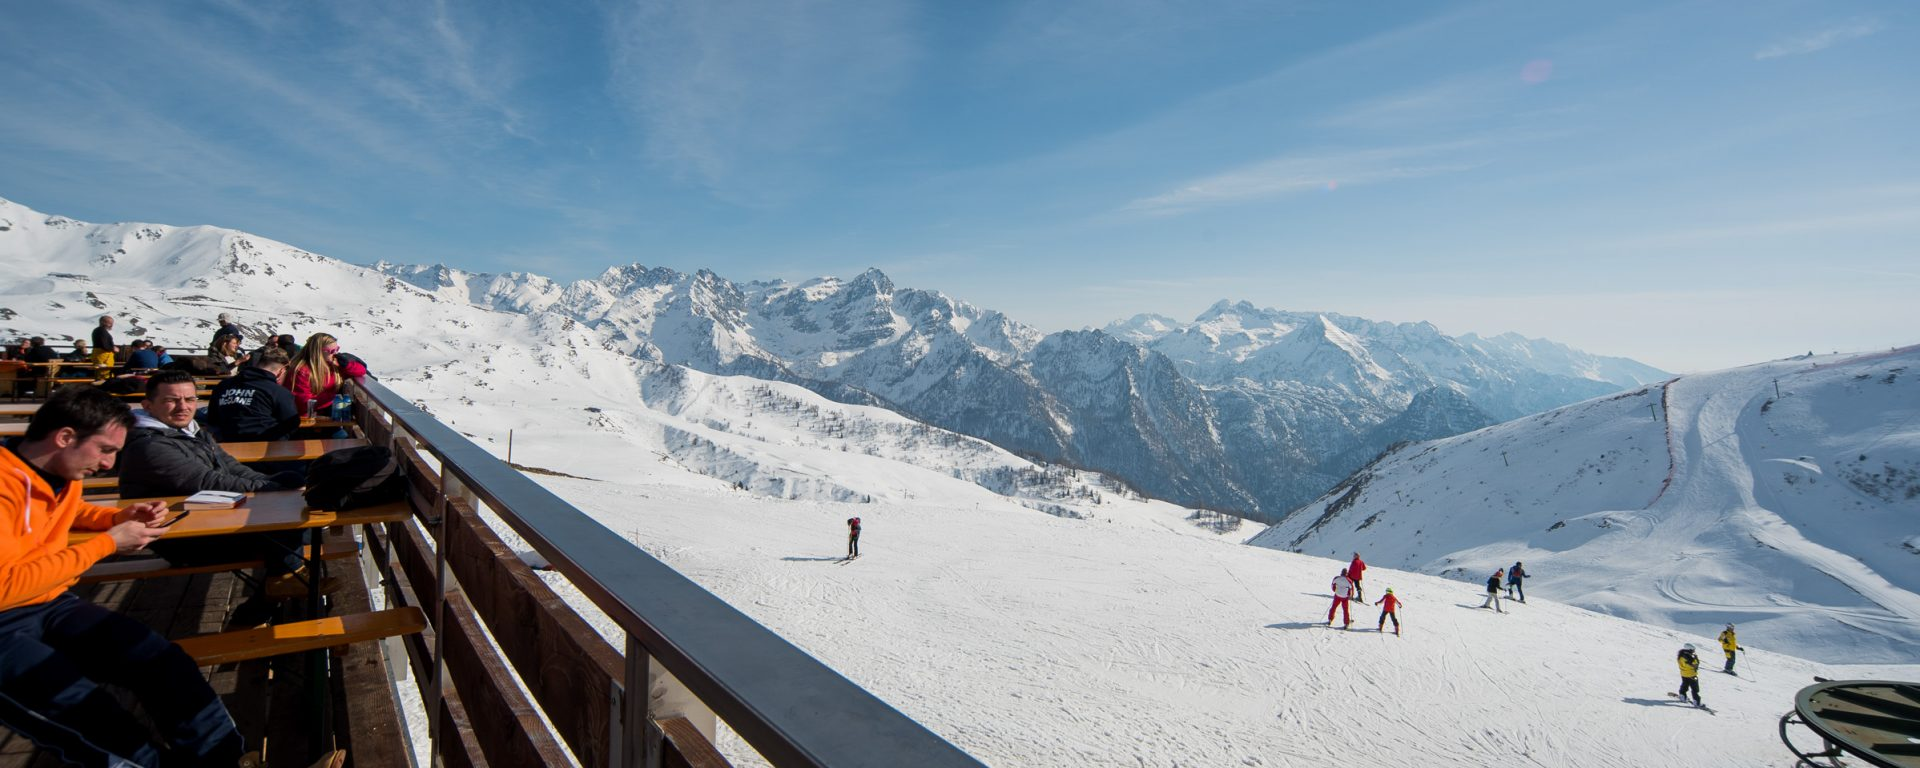 Foppolo, Italy, Budget Ski Resort